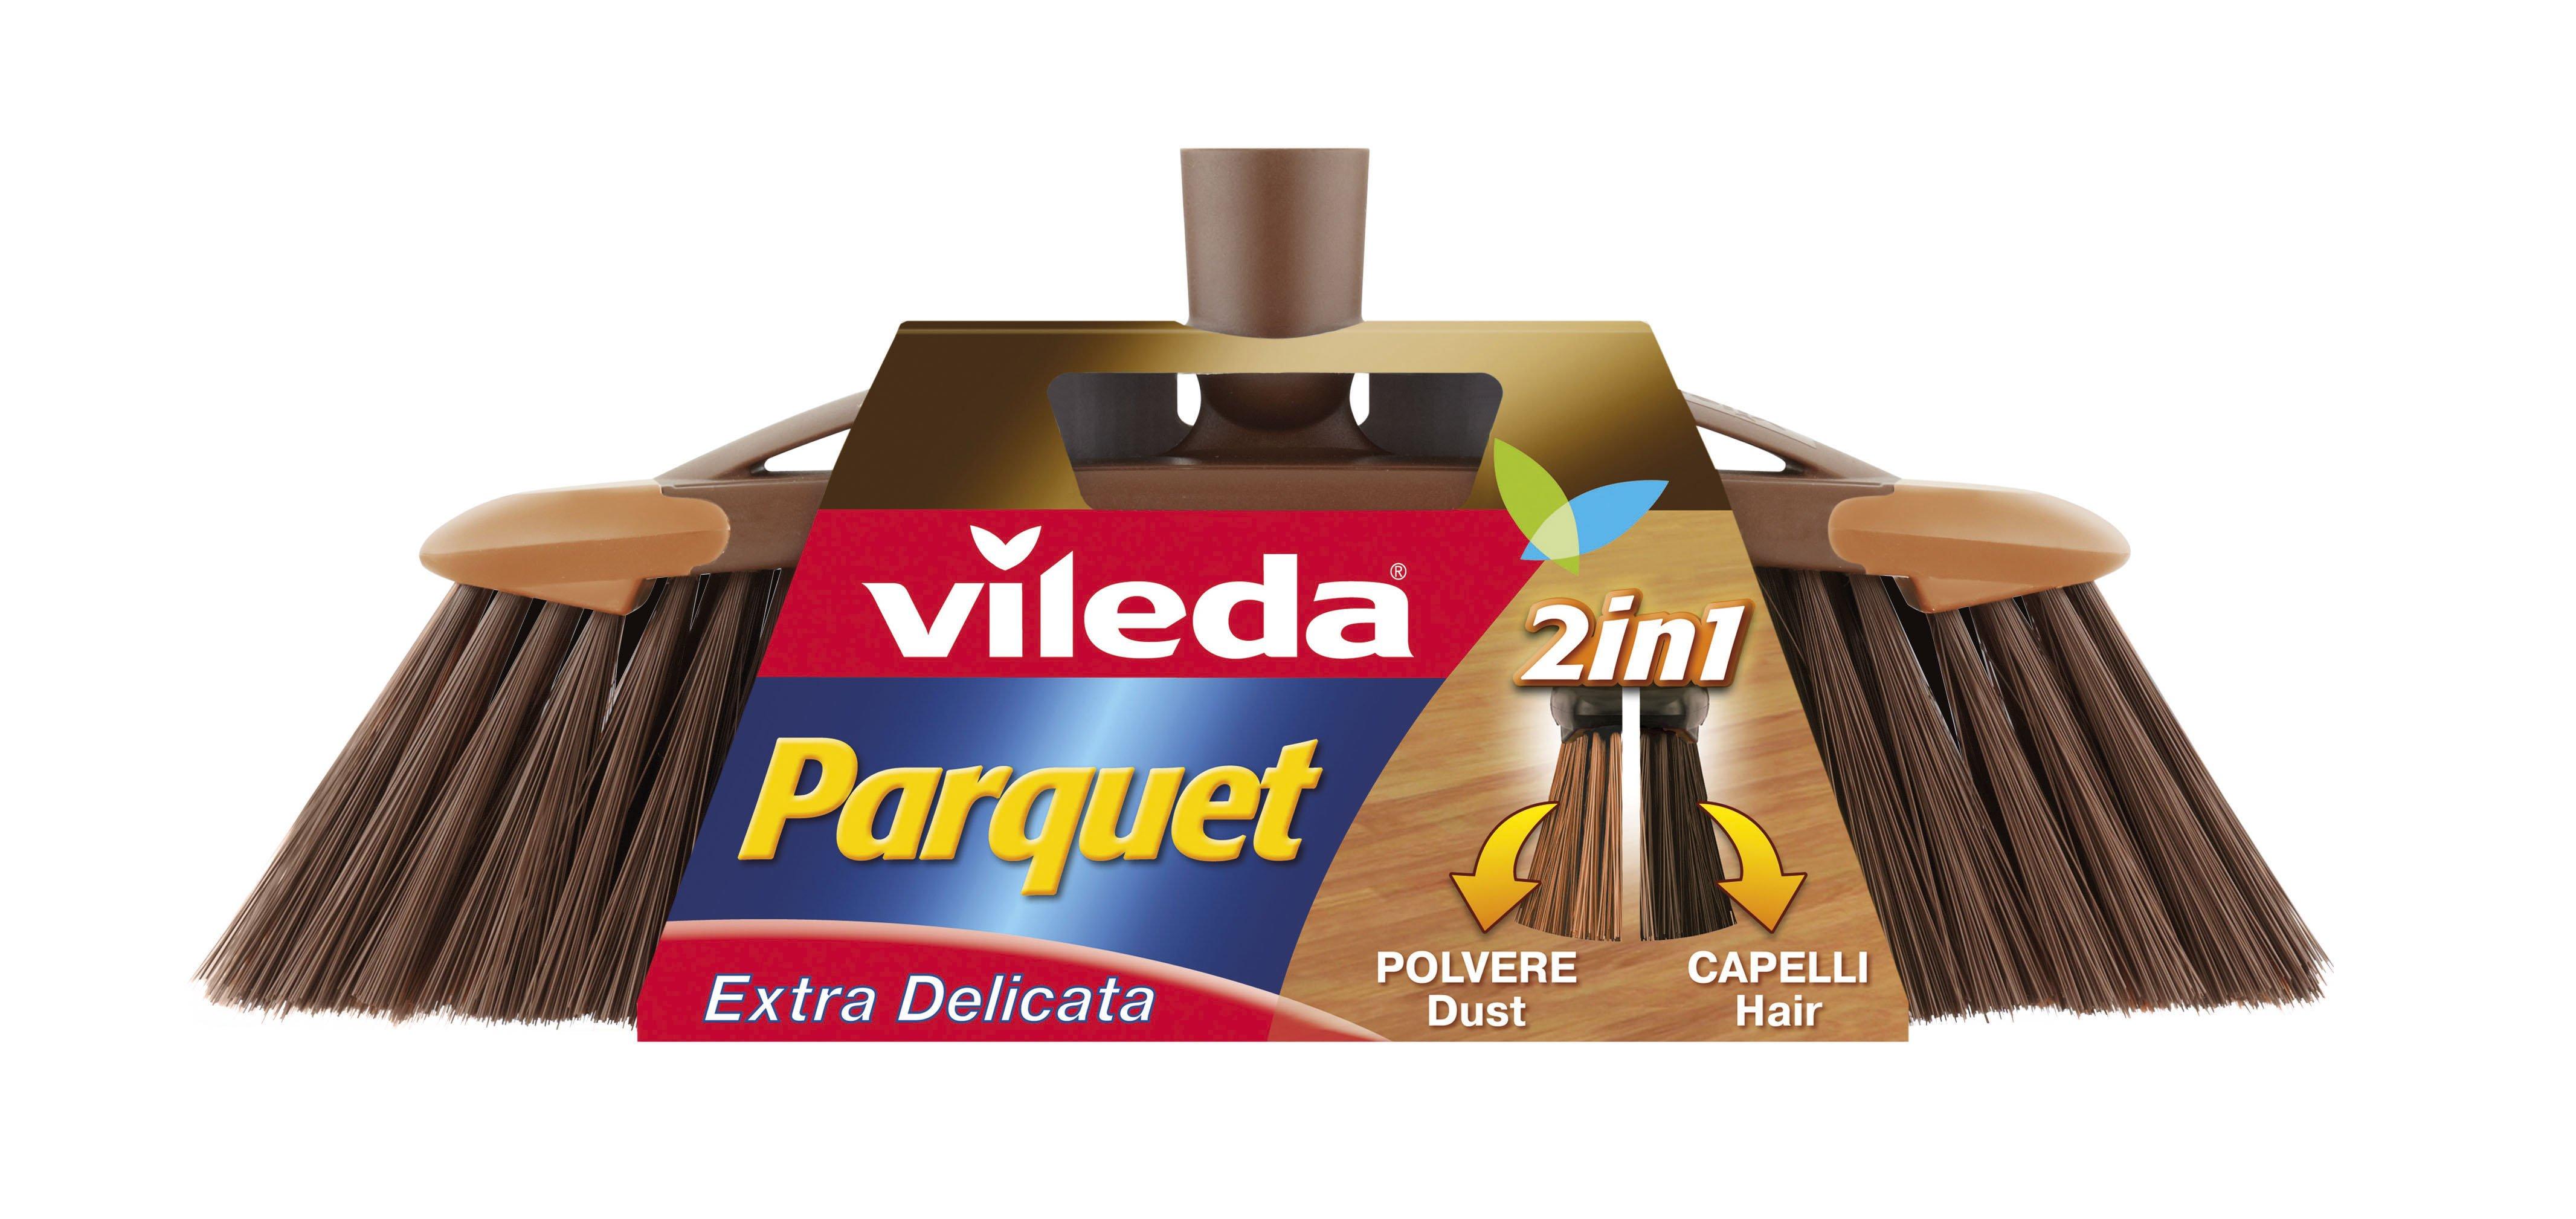 Vileda scopa parquet - SCOPE - ACCESSORI PER LA PULIZIA VILEDA